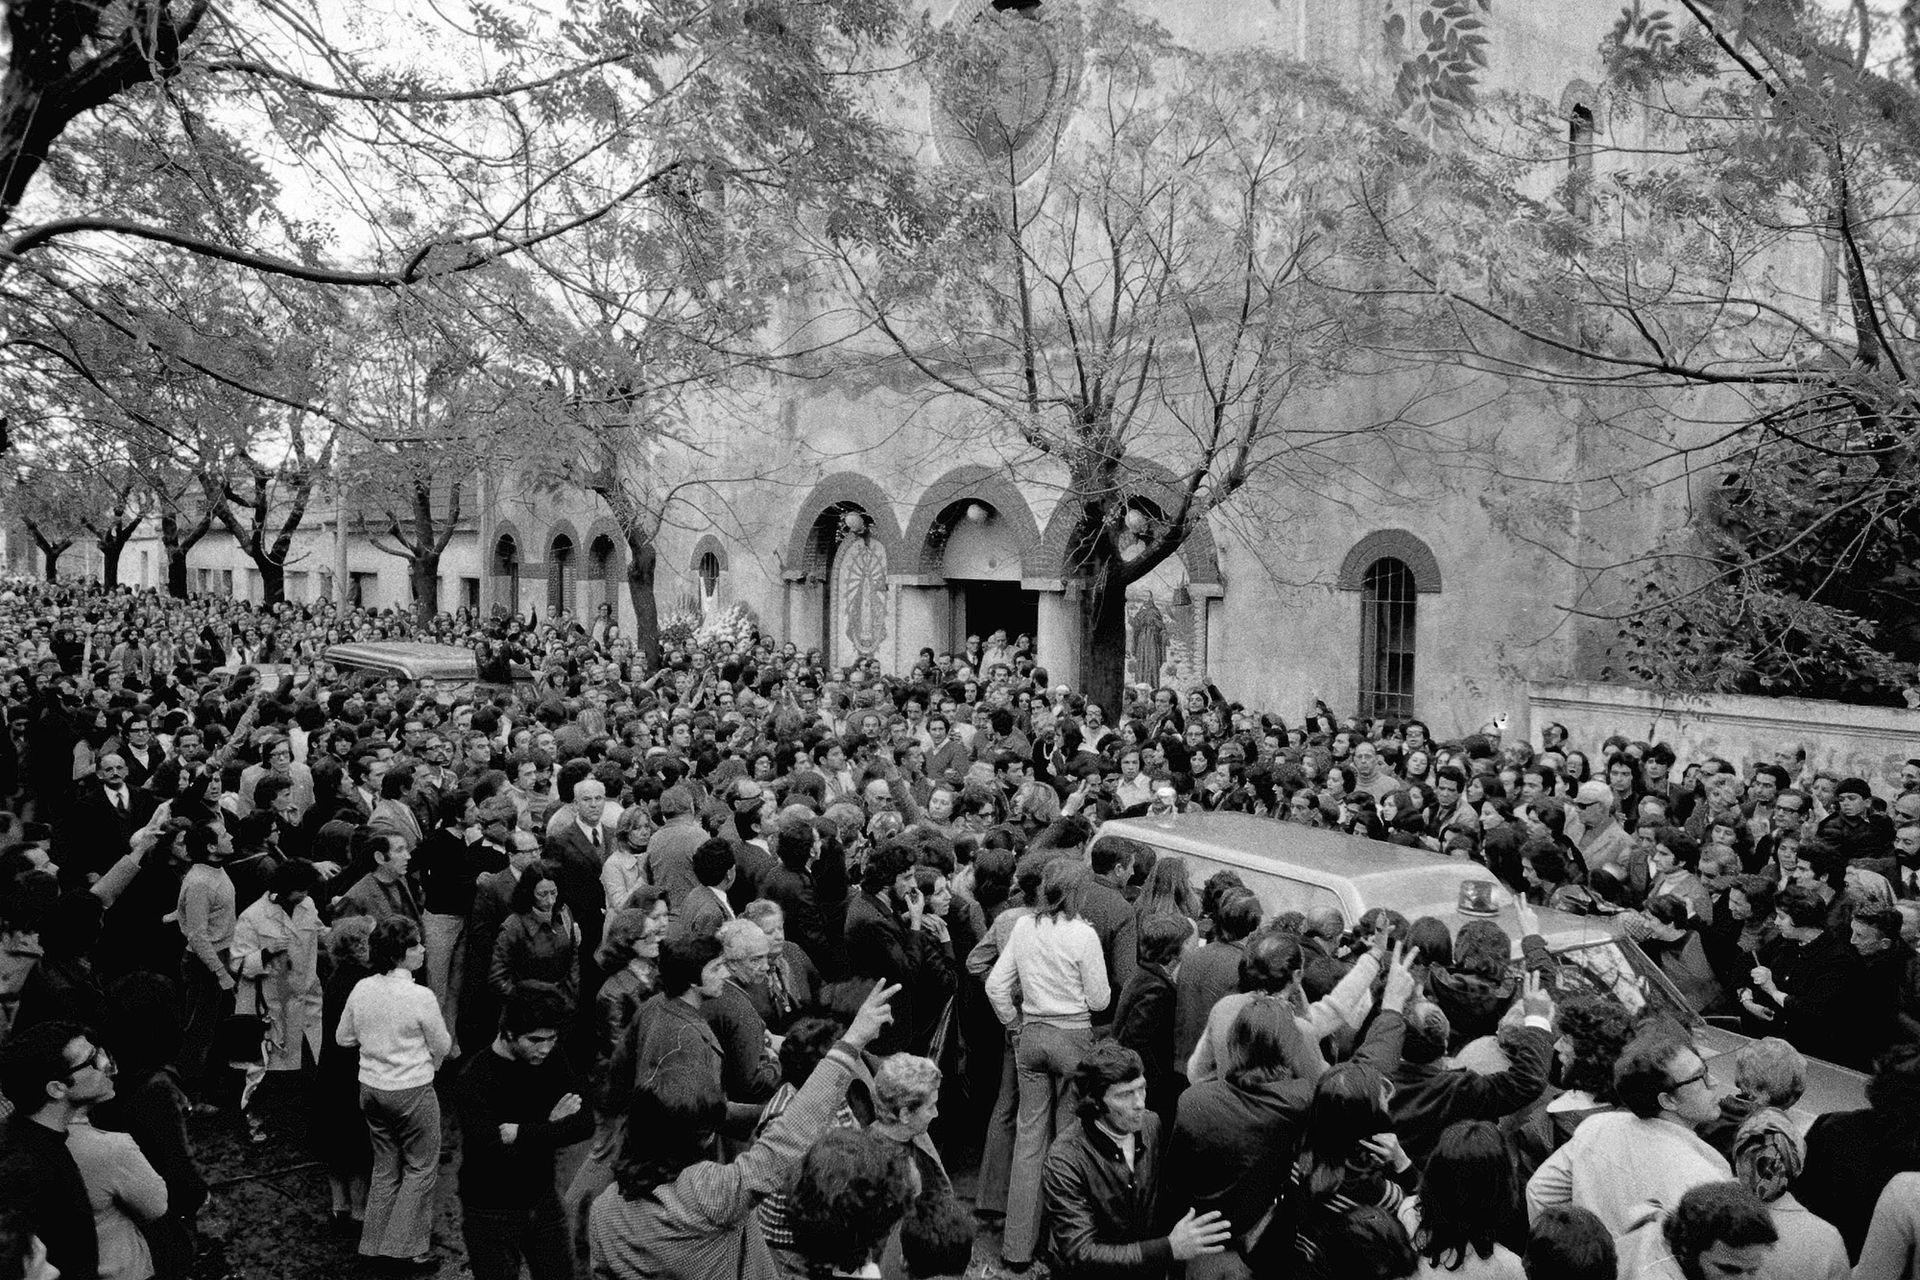 El domingo 12 de mayo, una multitud de acercó a la iglesia San Francisco Solano para despedir al padre Mugica